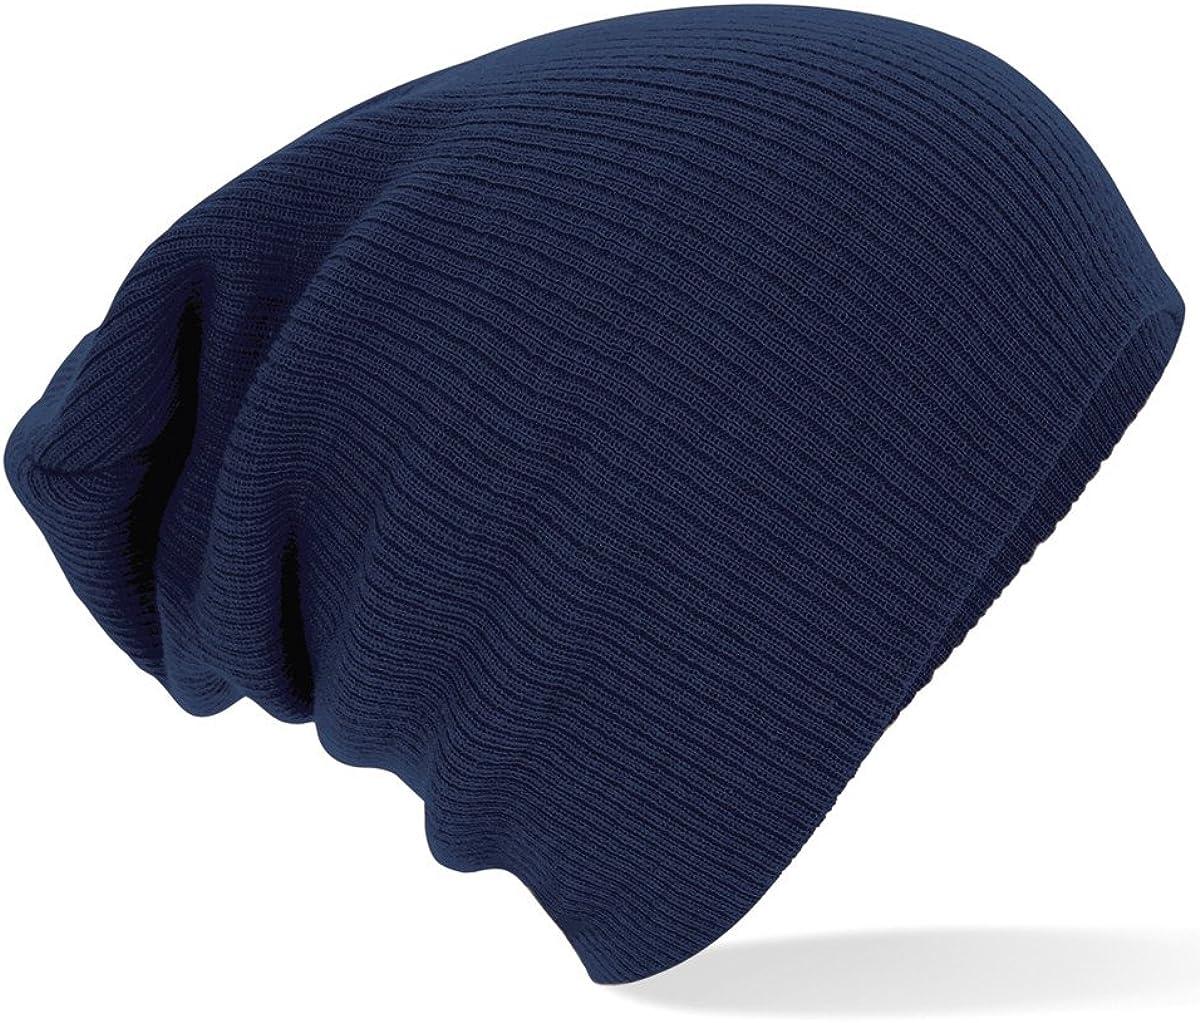 Neuf Bonnet classique Beechfield Bonnet original h graphit Gris 42659